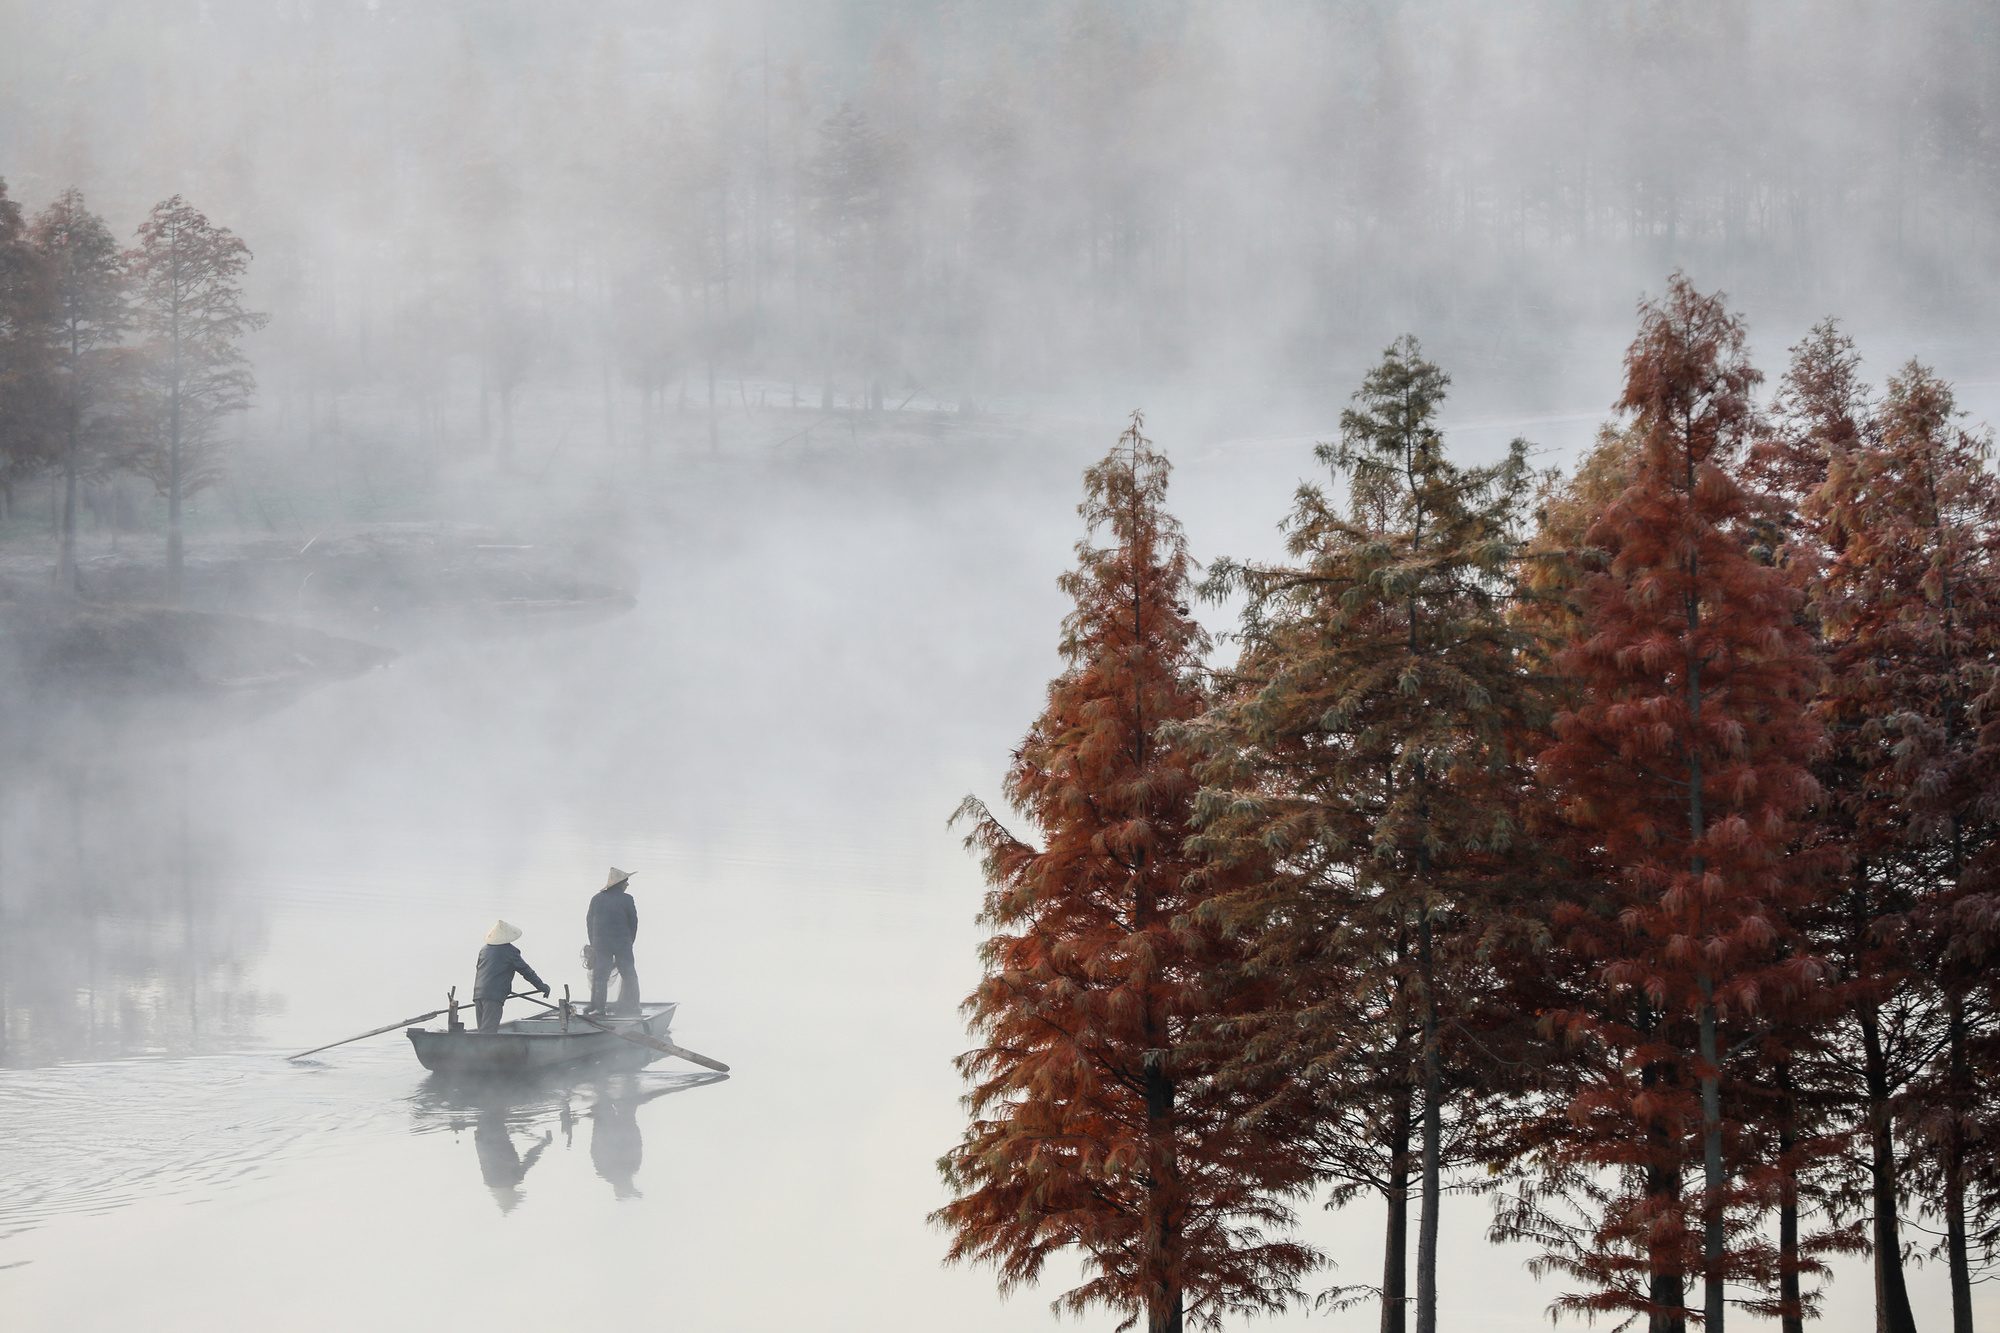 Les splendeurs d'automne., AFP